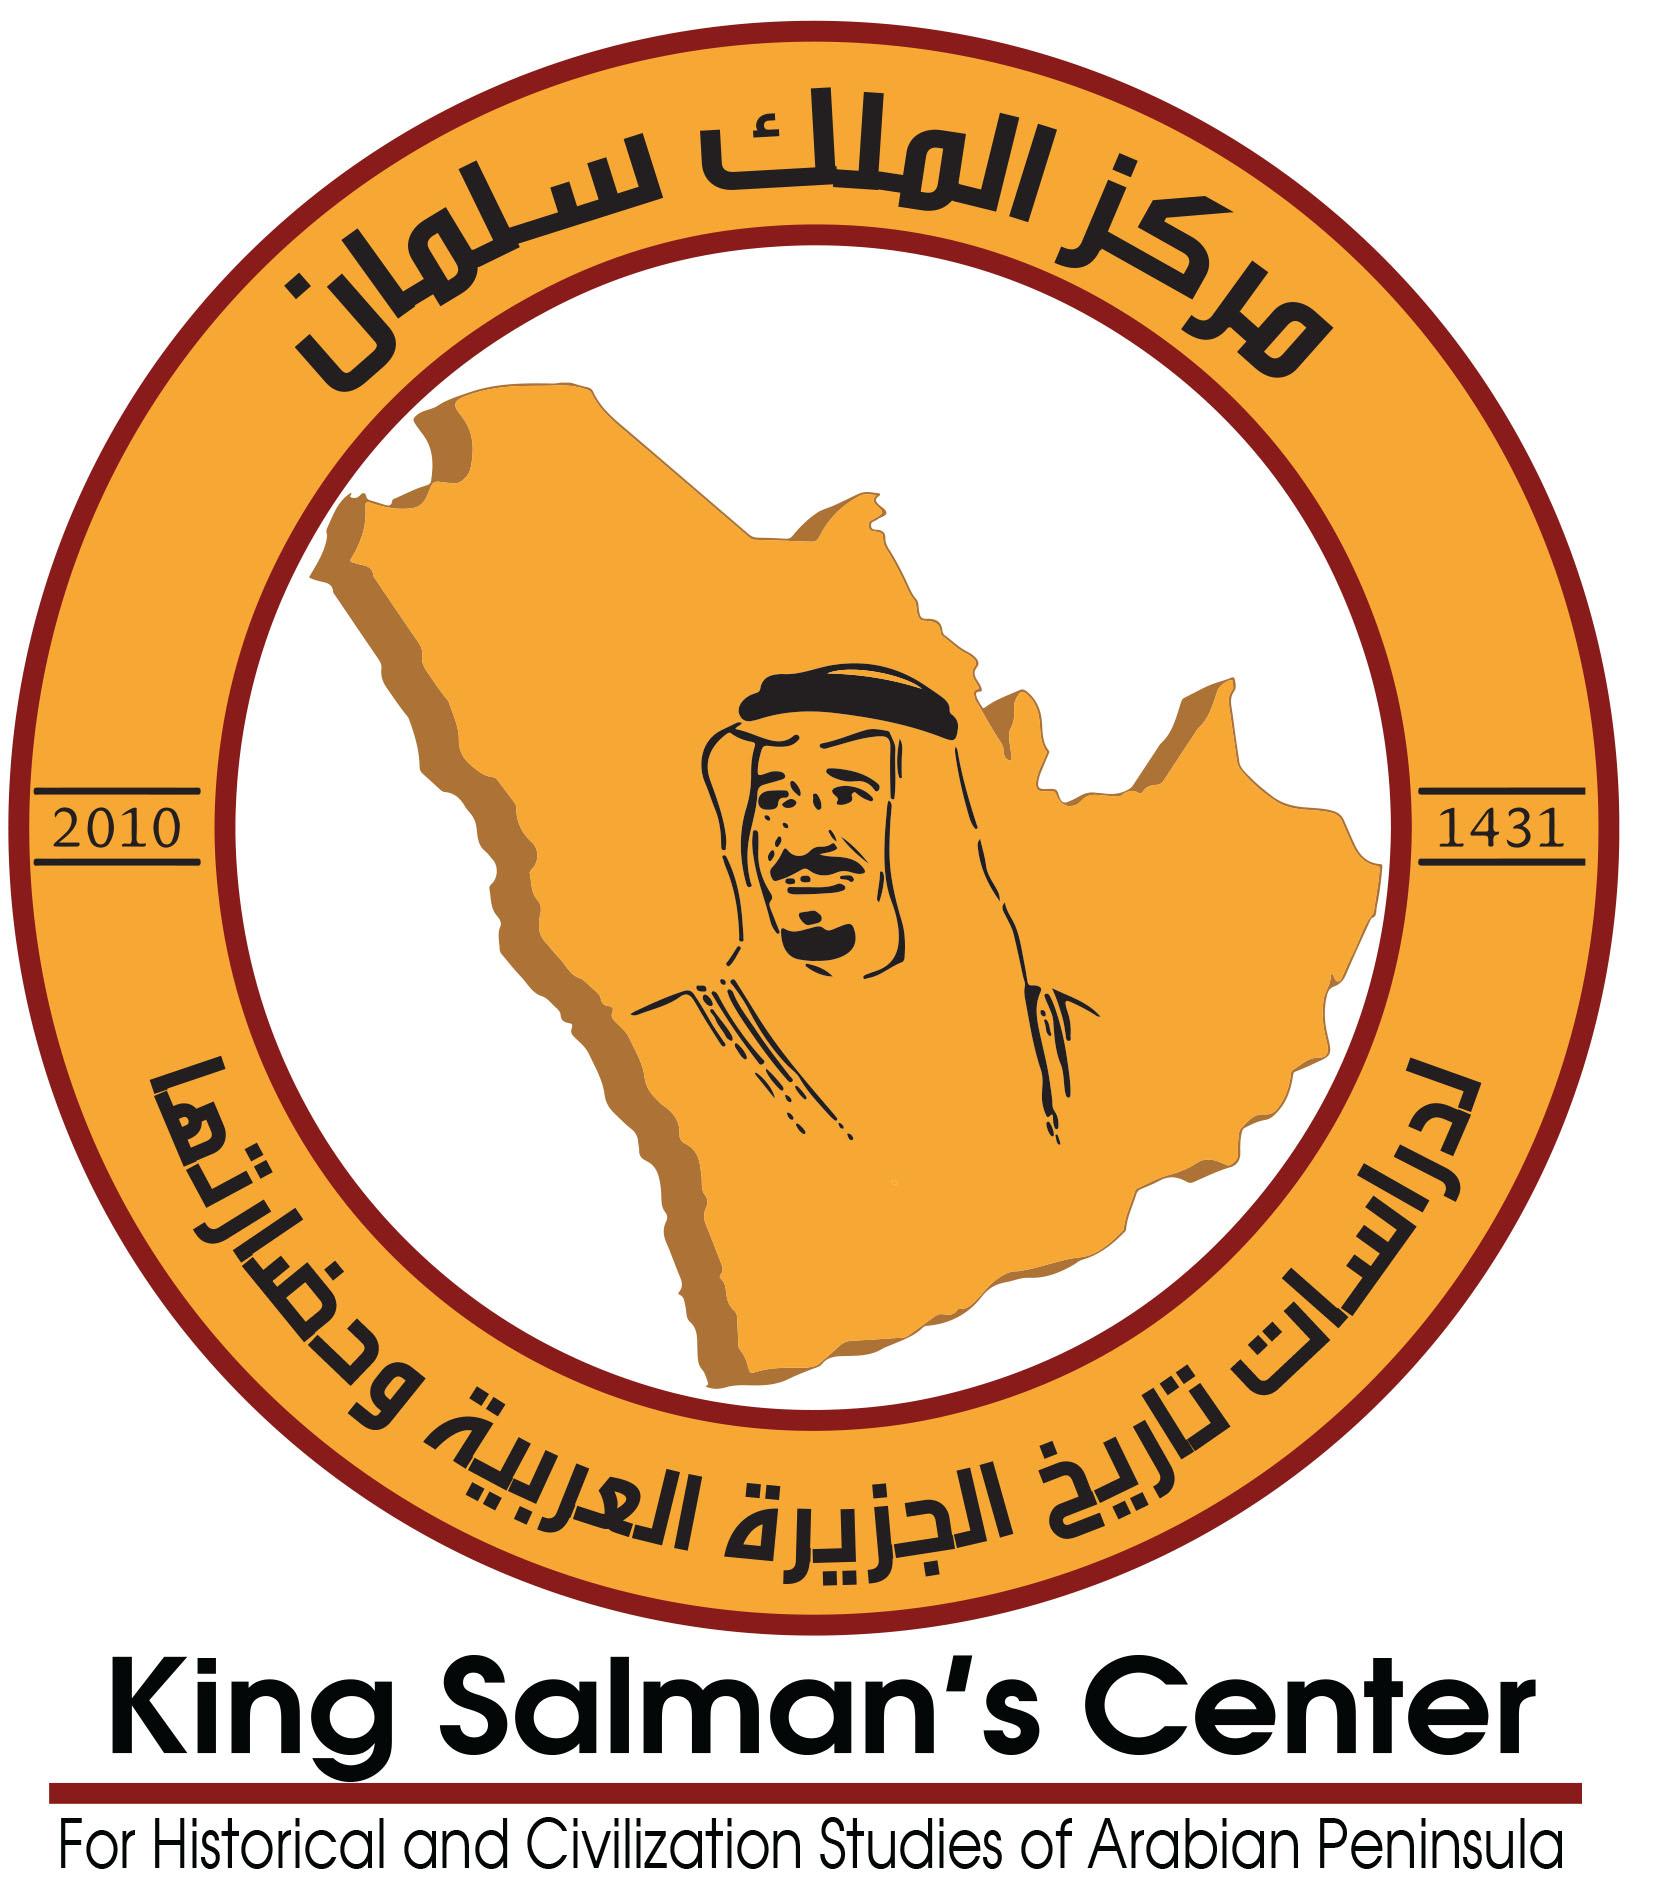 ((الصورة ودراسة التاريخ)) عنوان ورشة عمل بمركز الملك سلمان لدراسات تاريخ الجزيرة العربية